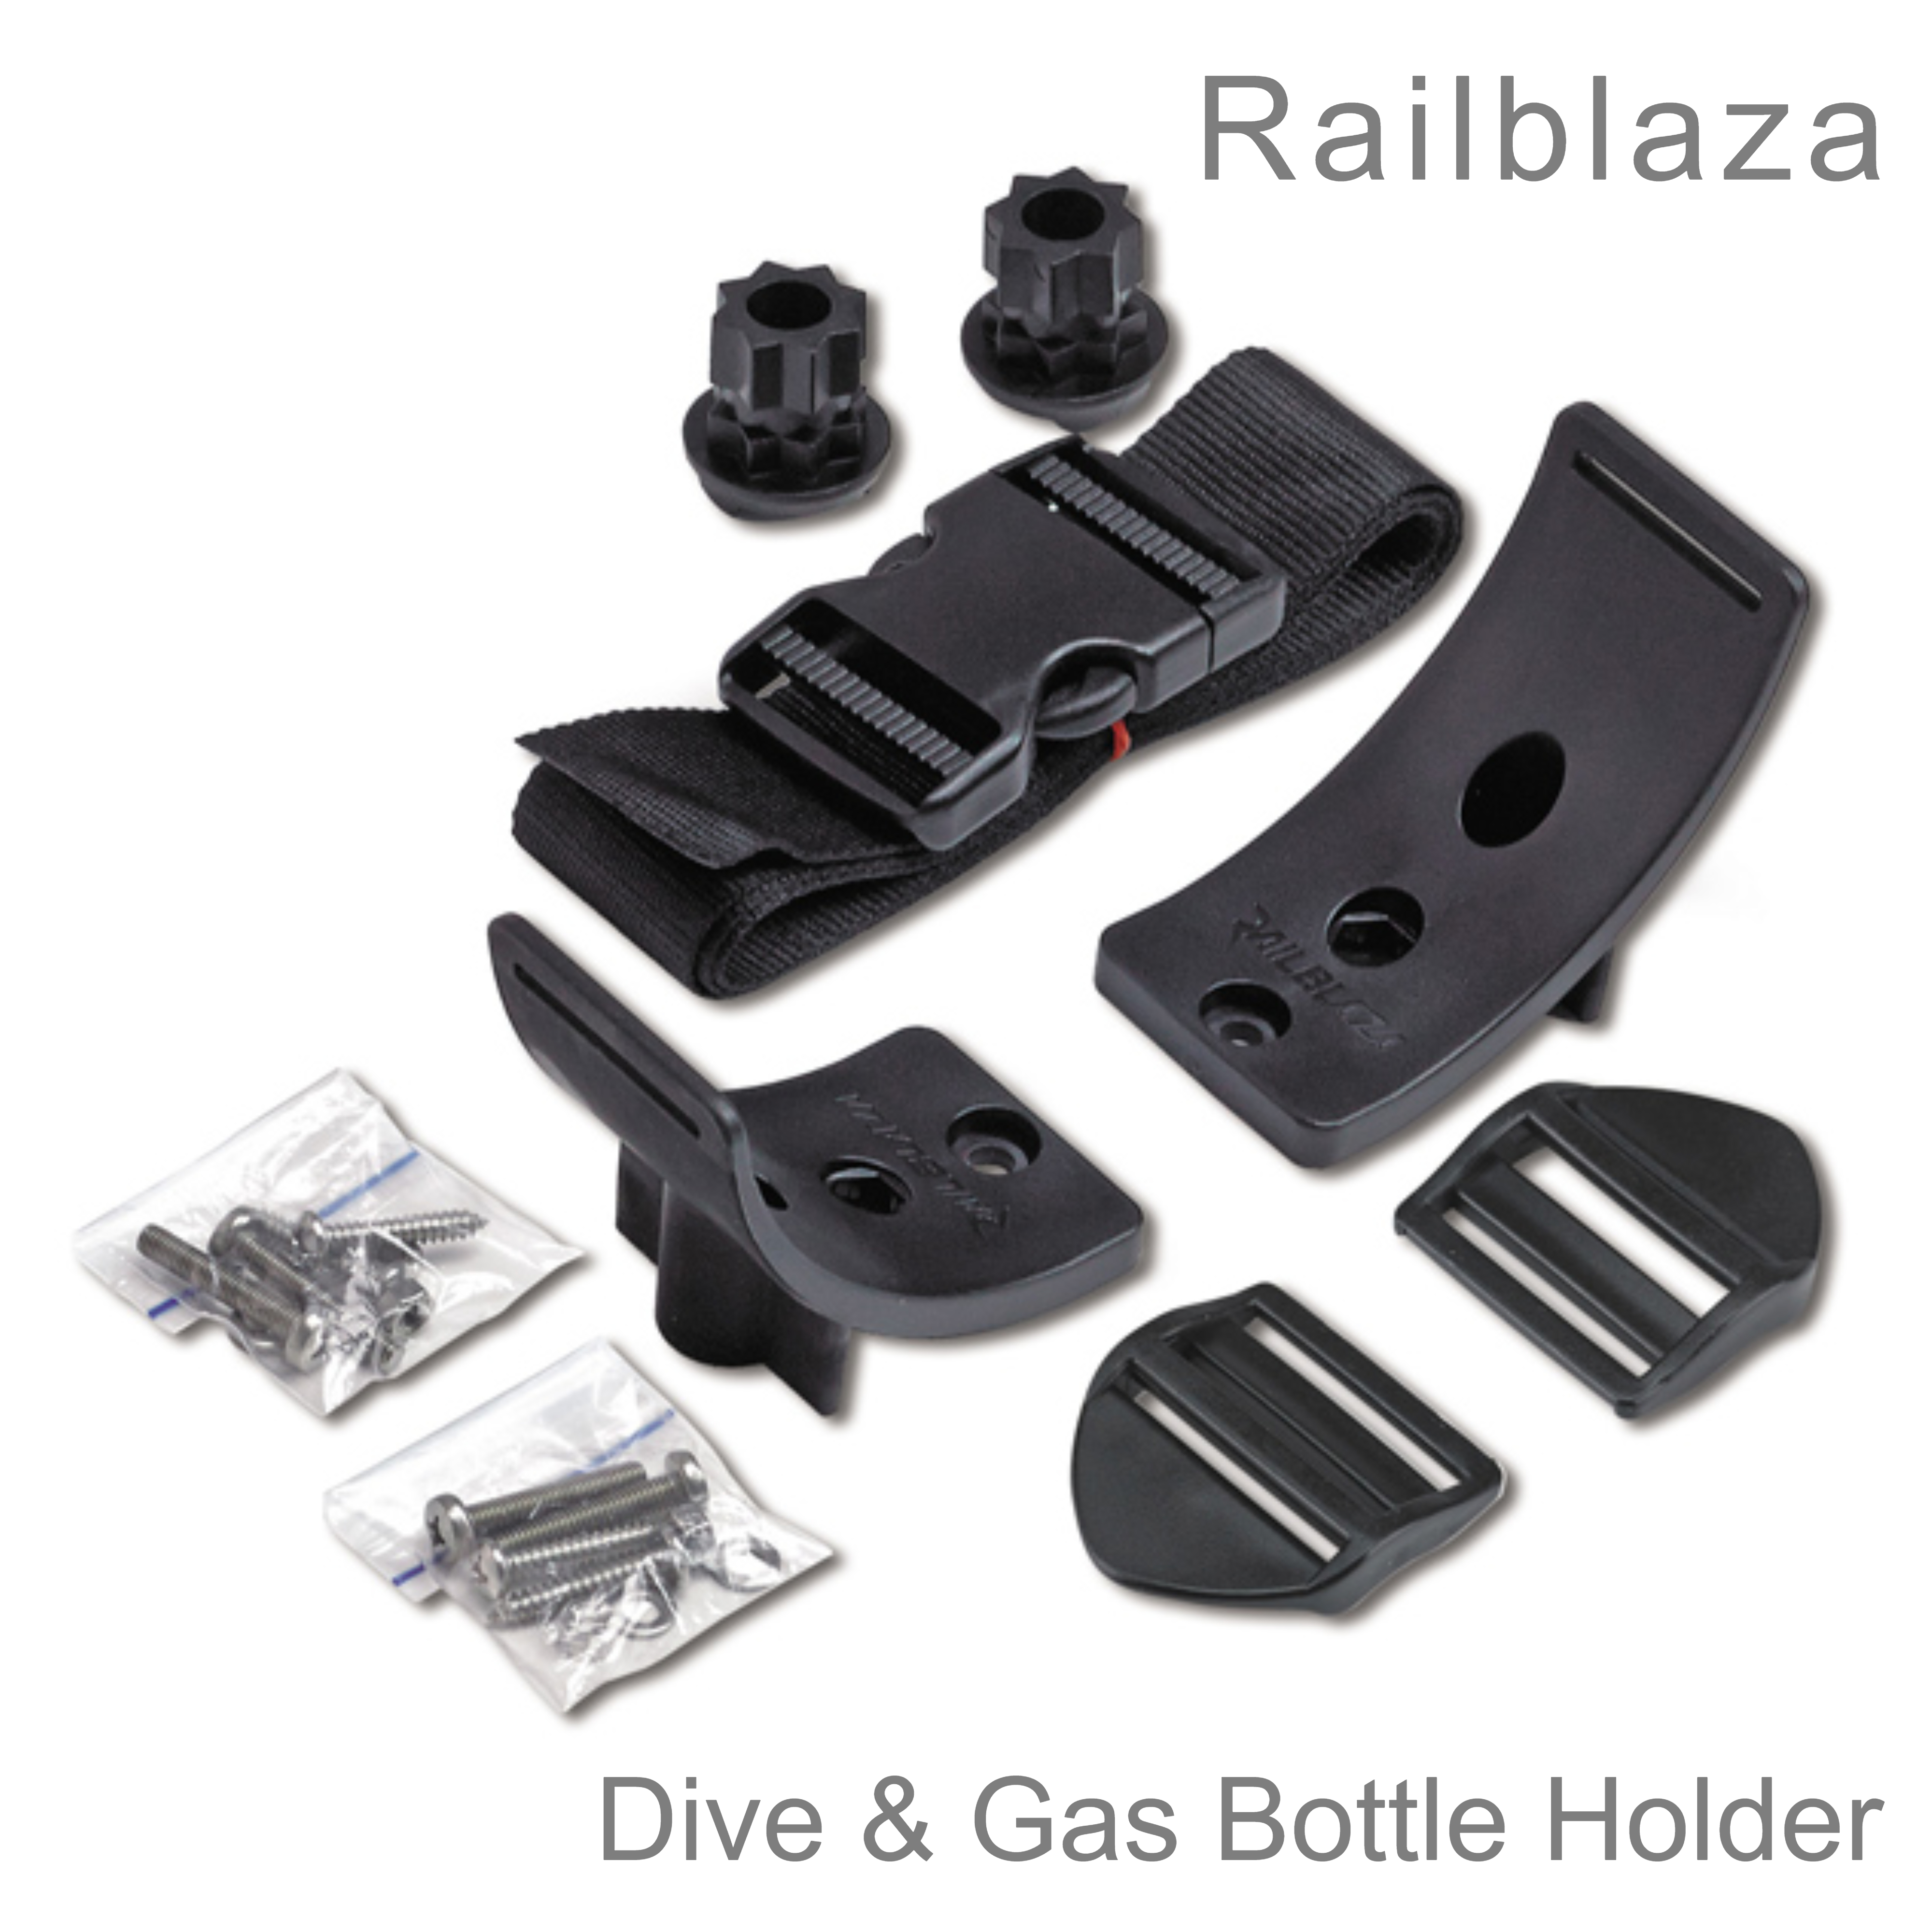 Railblaza Dive & Gas Bottle Holder   Strong/ Safe/ Versatile   02-4056-11   For Boats